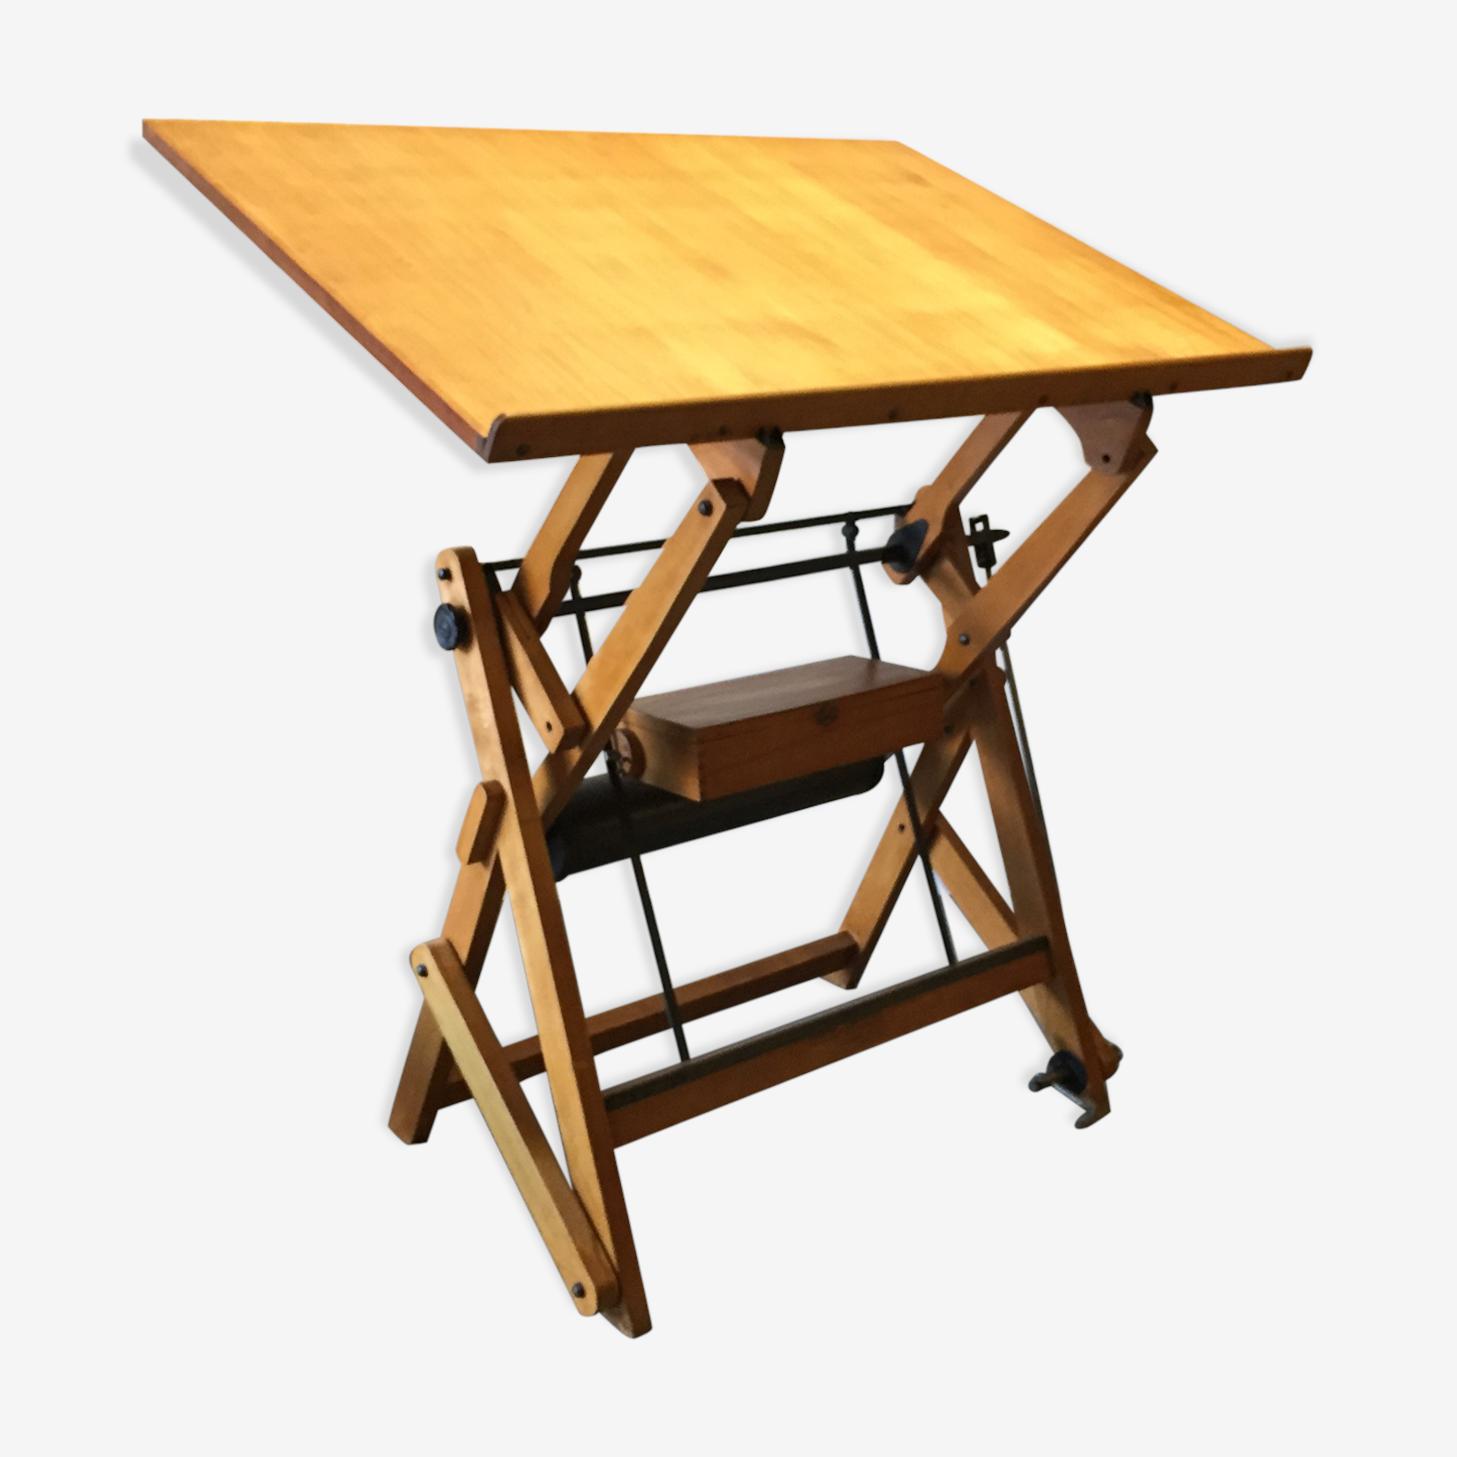 Table D Architecte En Bois table d'architecte unic studio des année 20 - bois (matériau) - bois